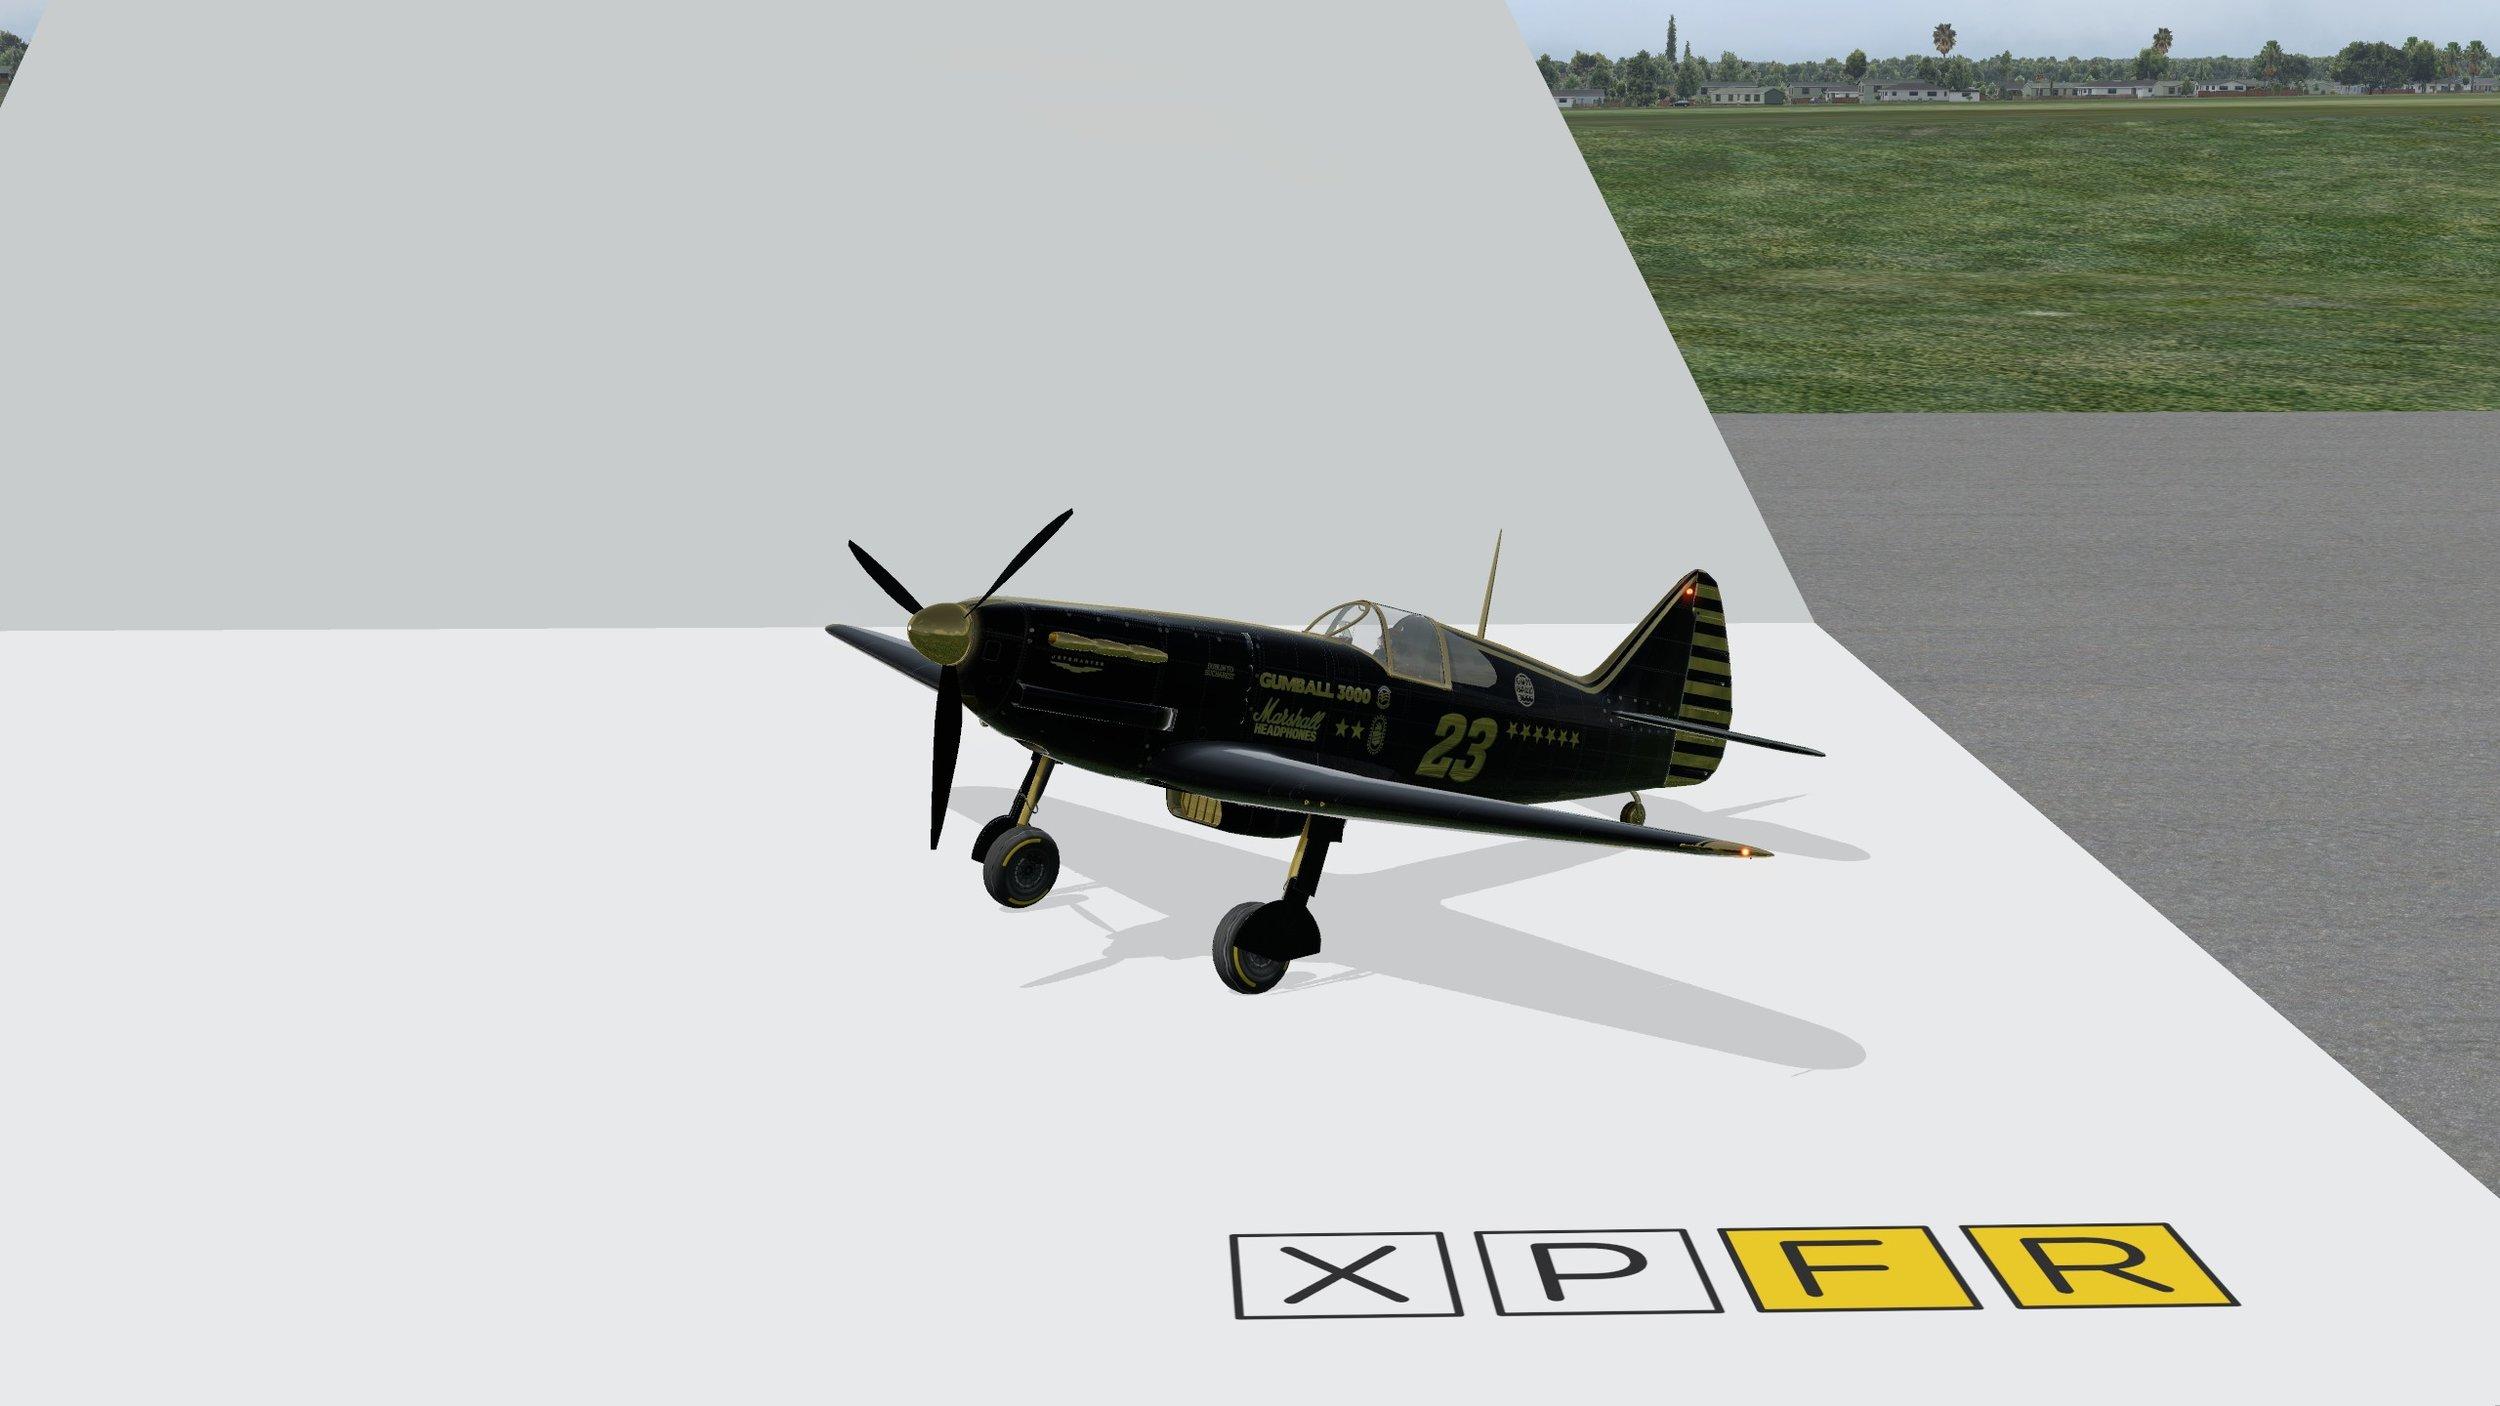 D520_auto_12 (3).jpg